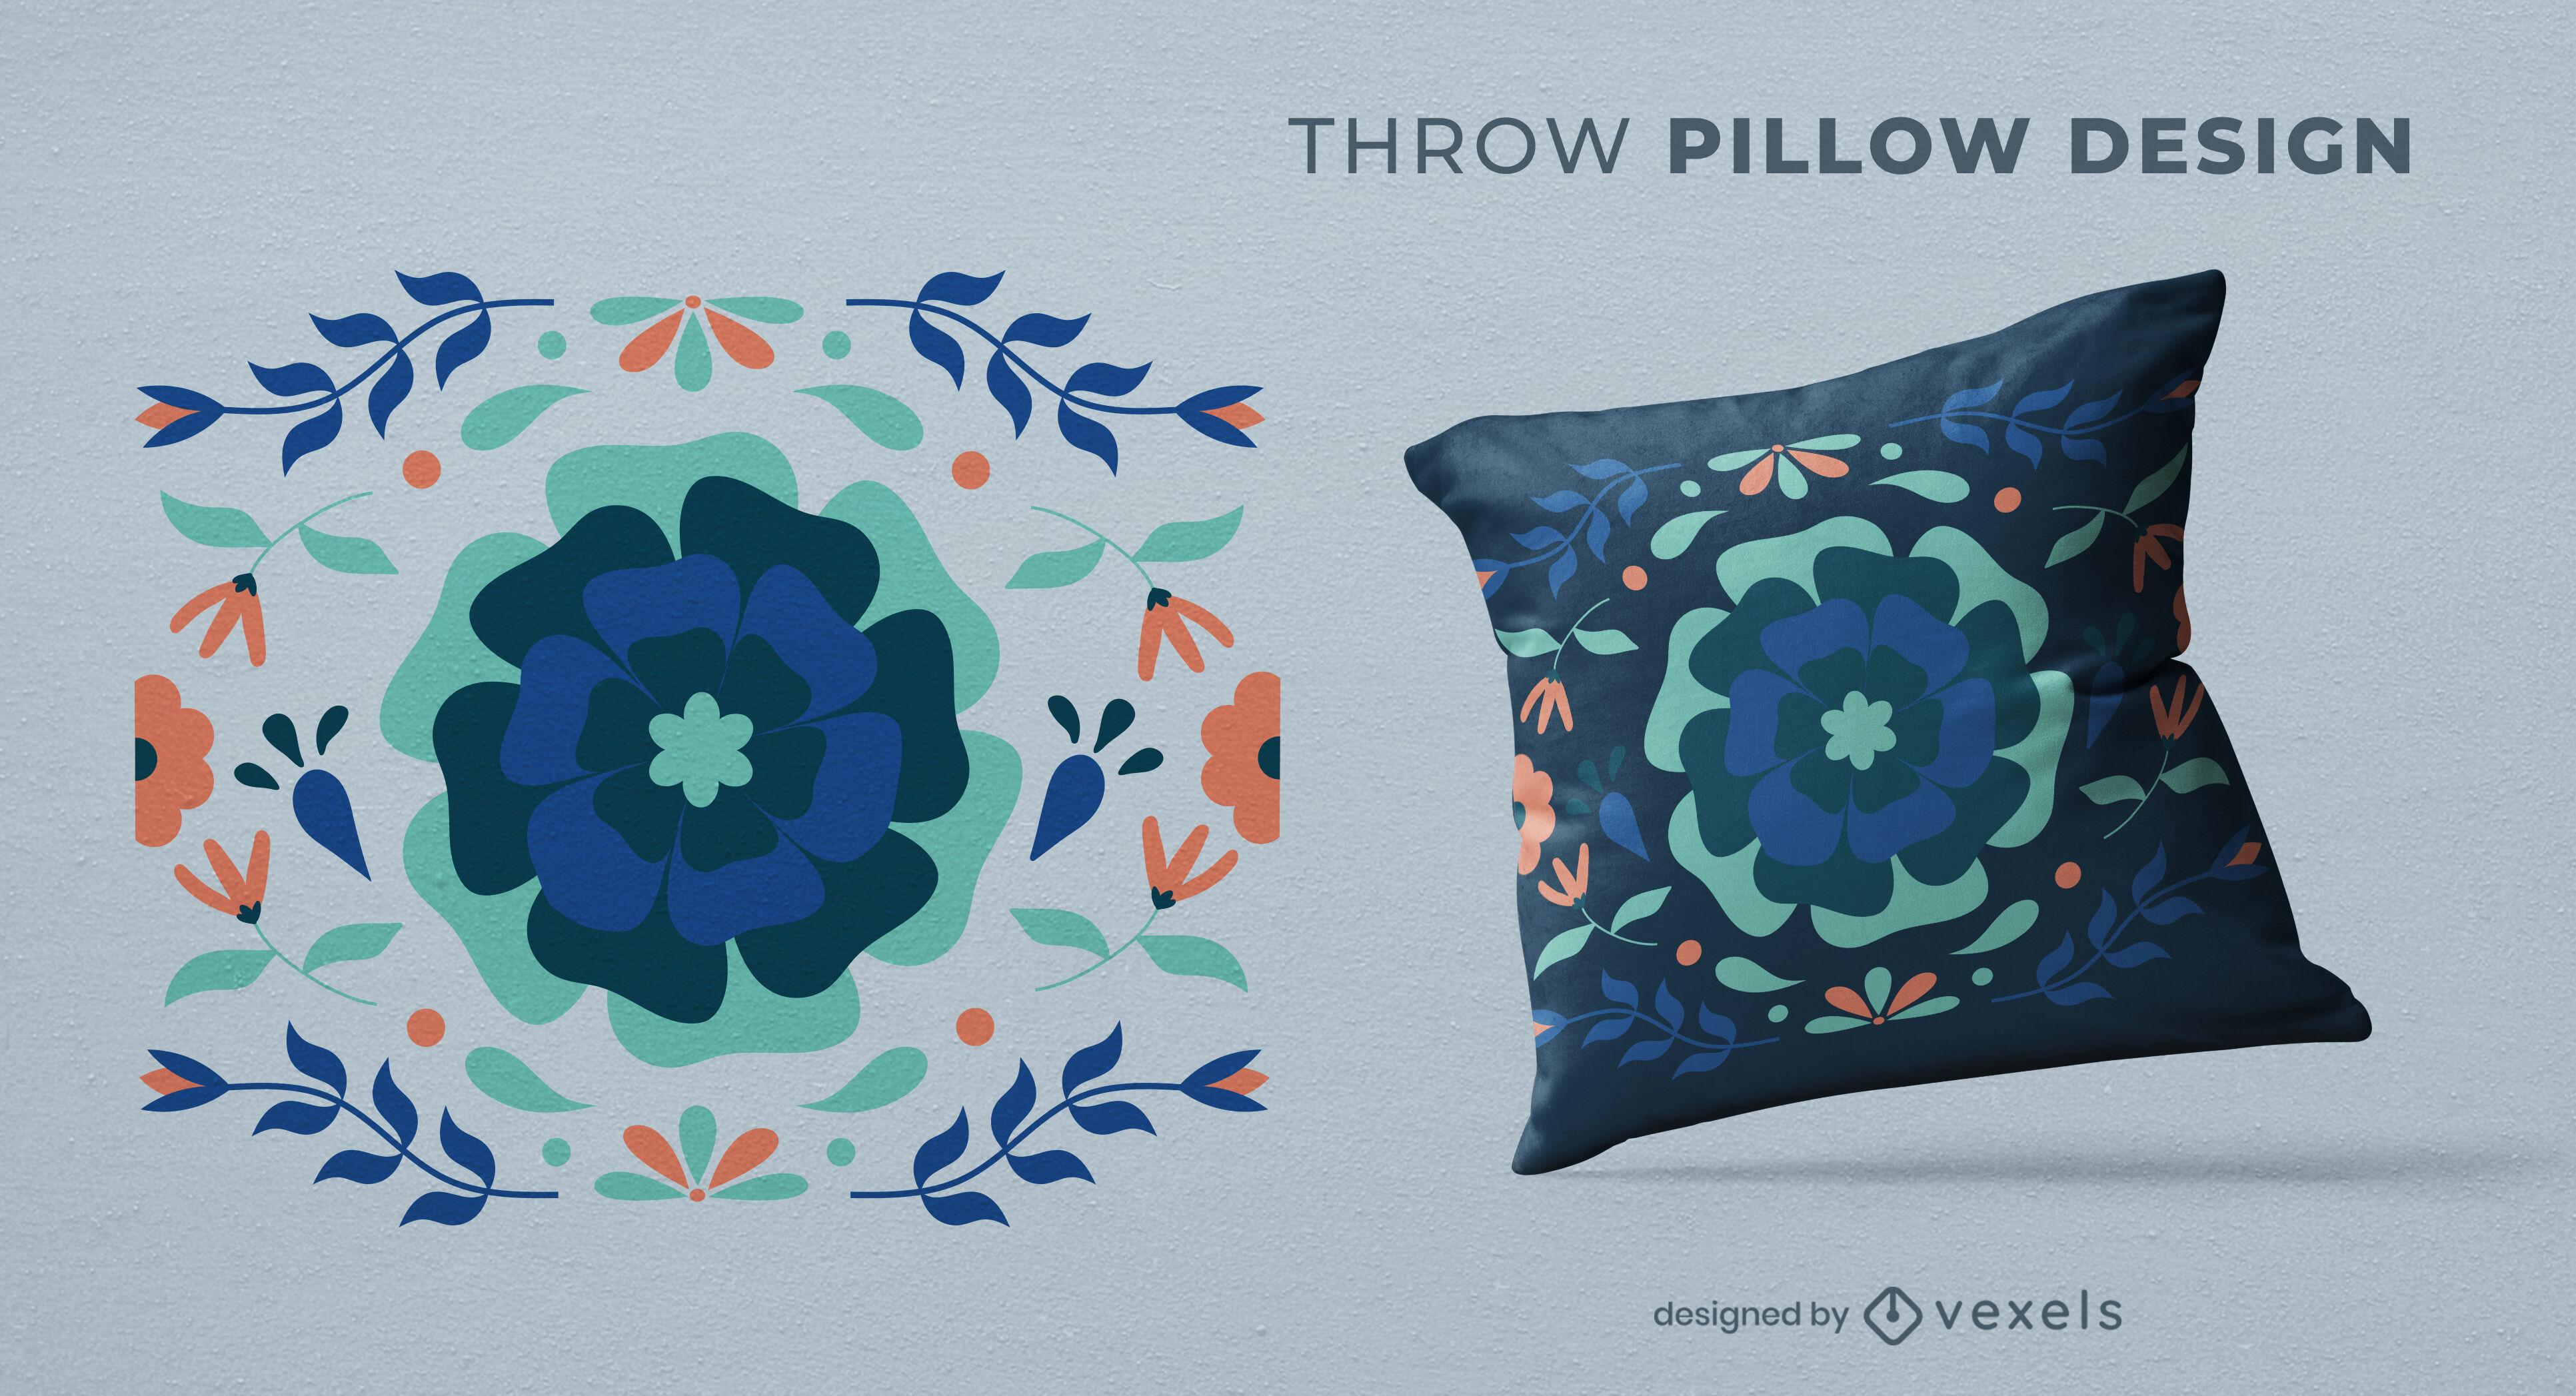 Flaches Dekokissen Design mit blauen Blumen